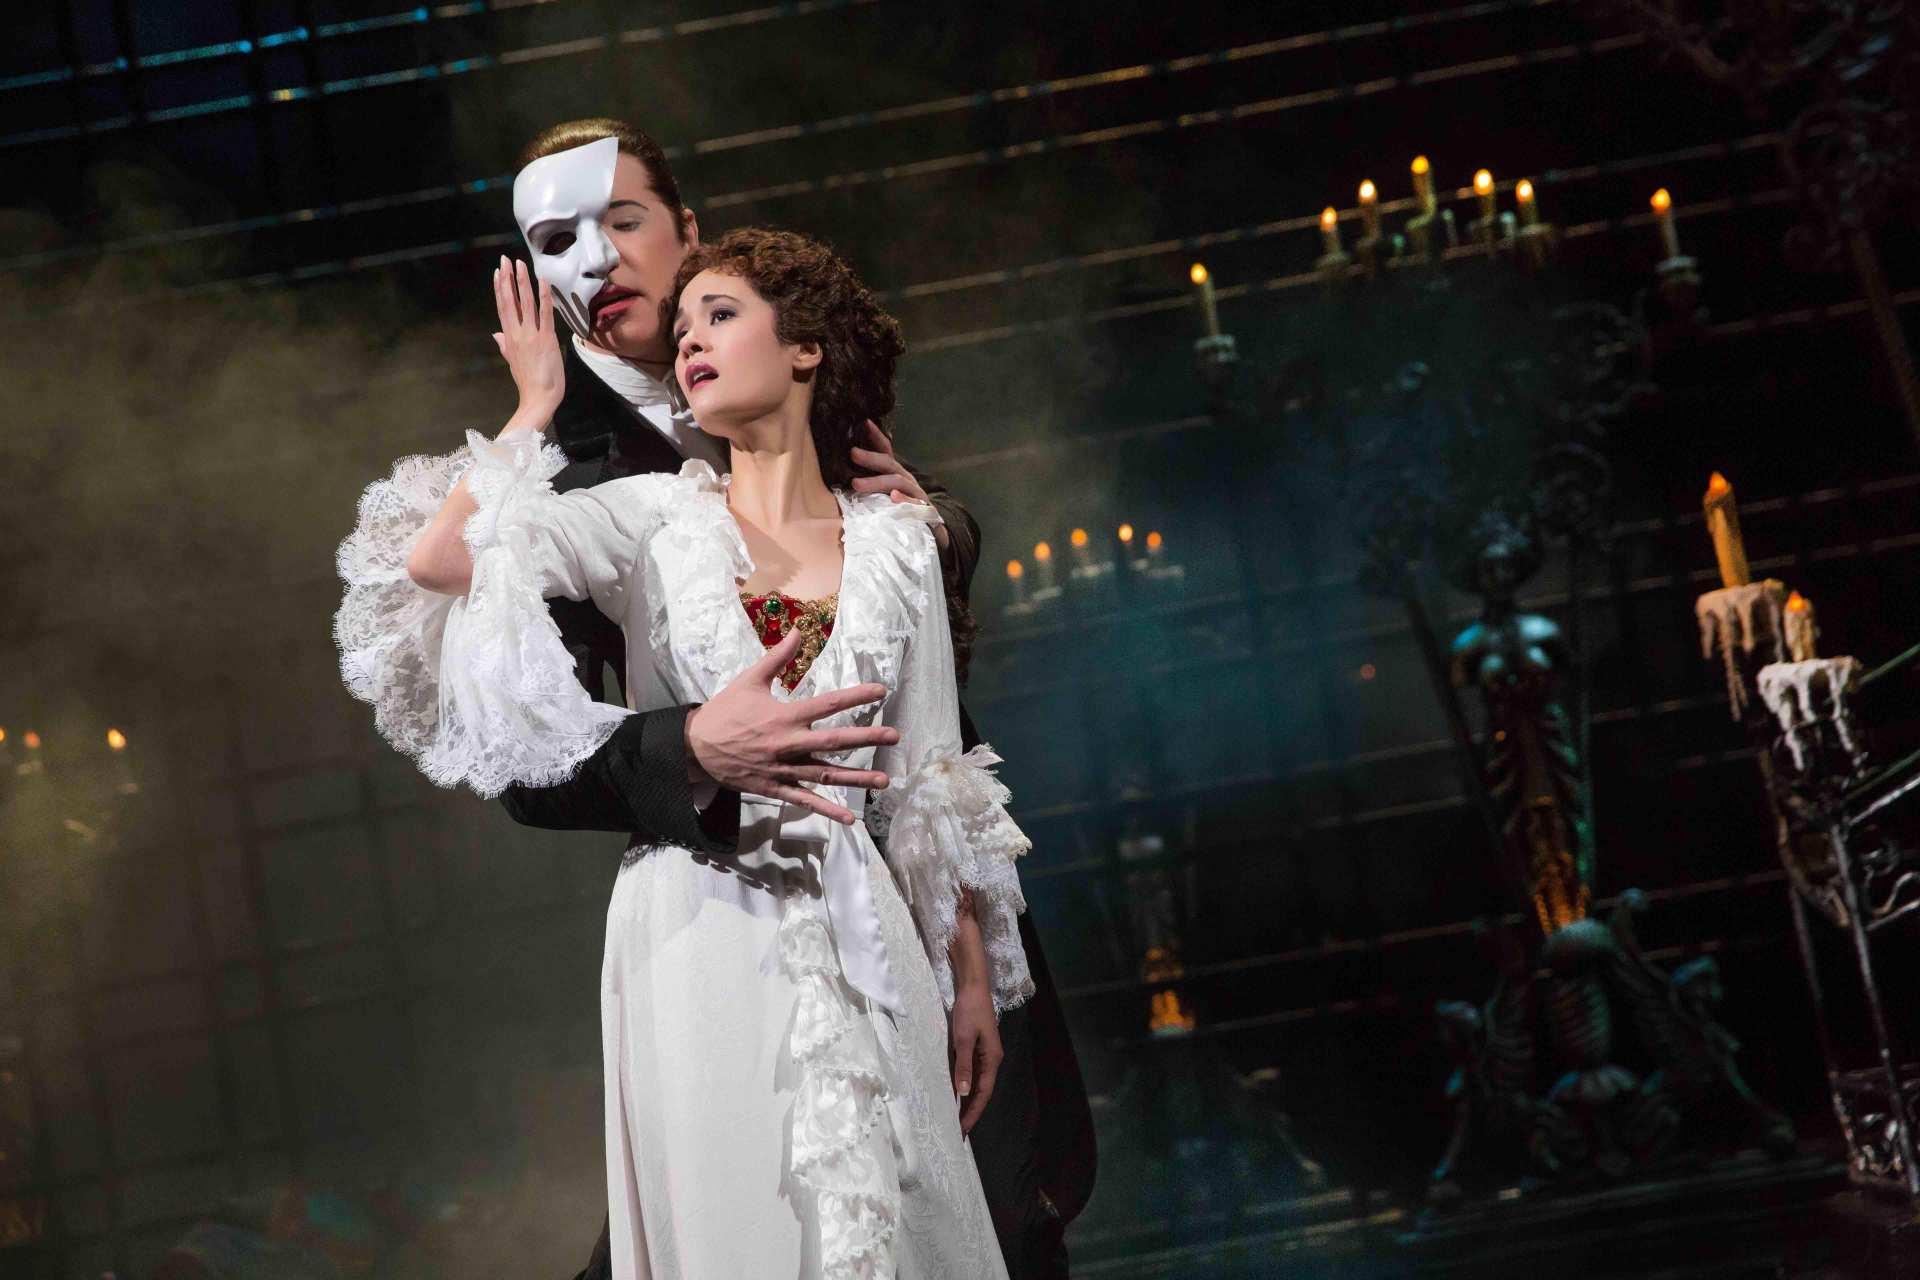 【ブロードウェイ】オペラ座の怪人 The Phantom Of The Opera ミュージカル鑑賞チケット(ニューヨーク)